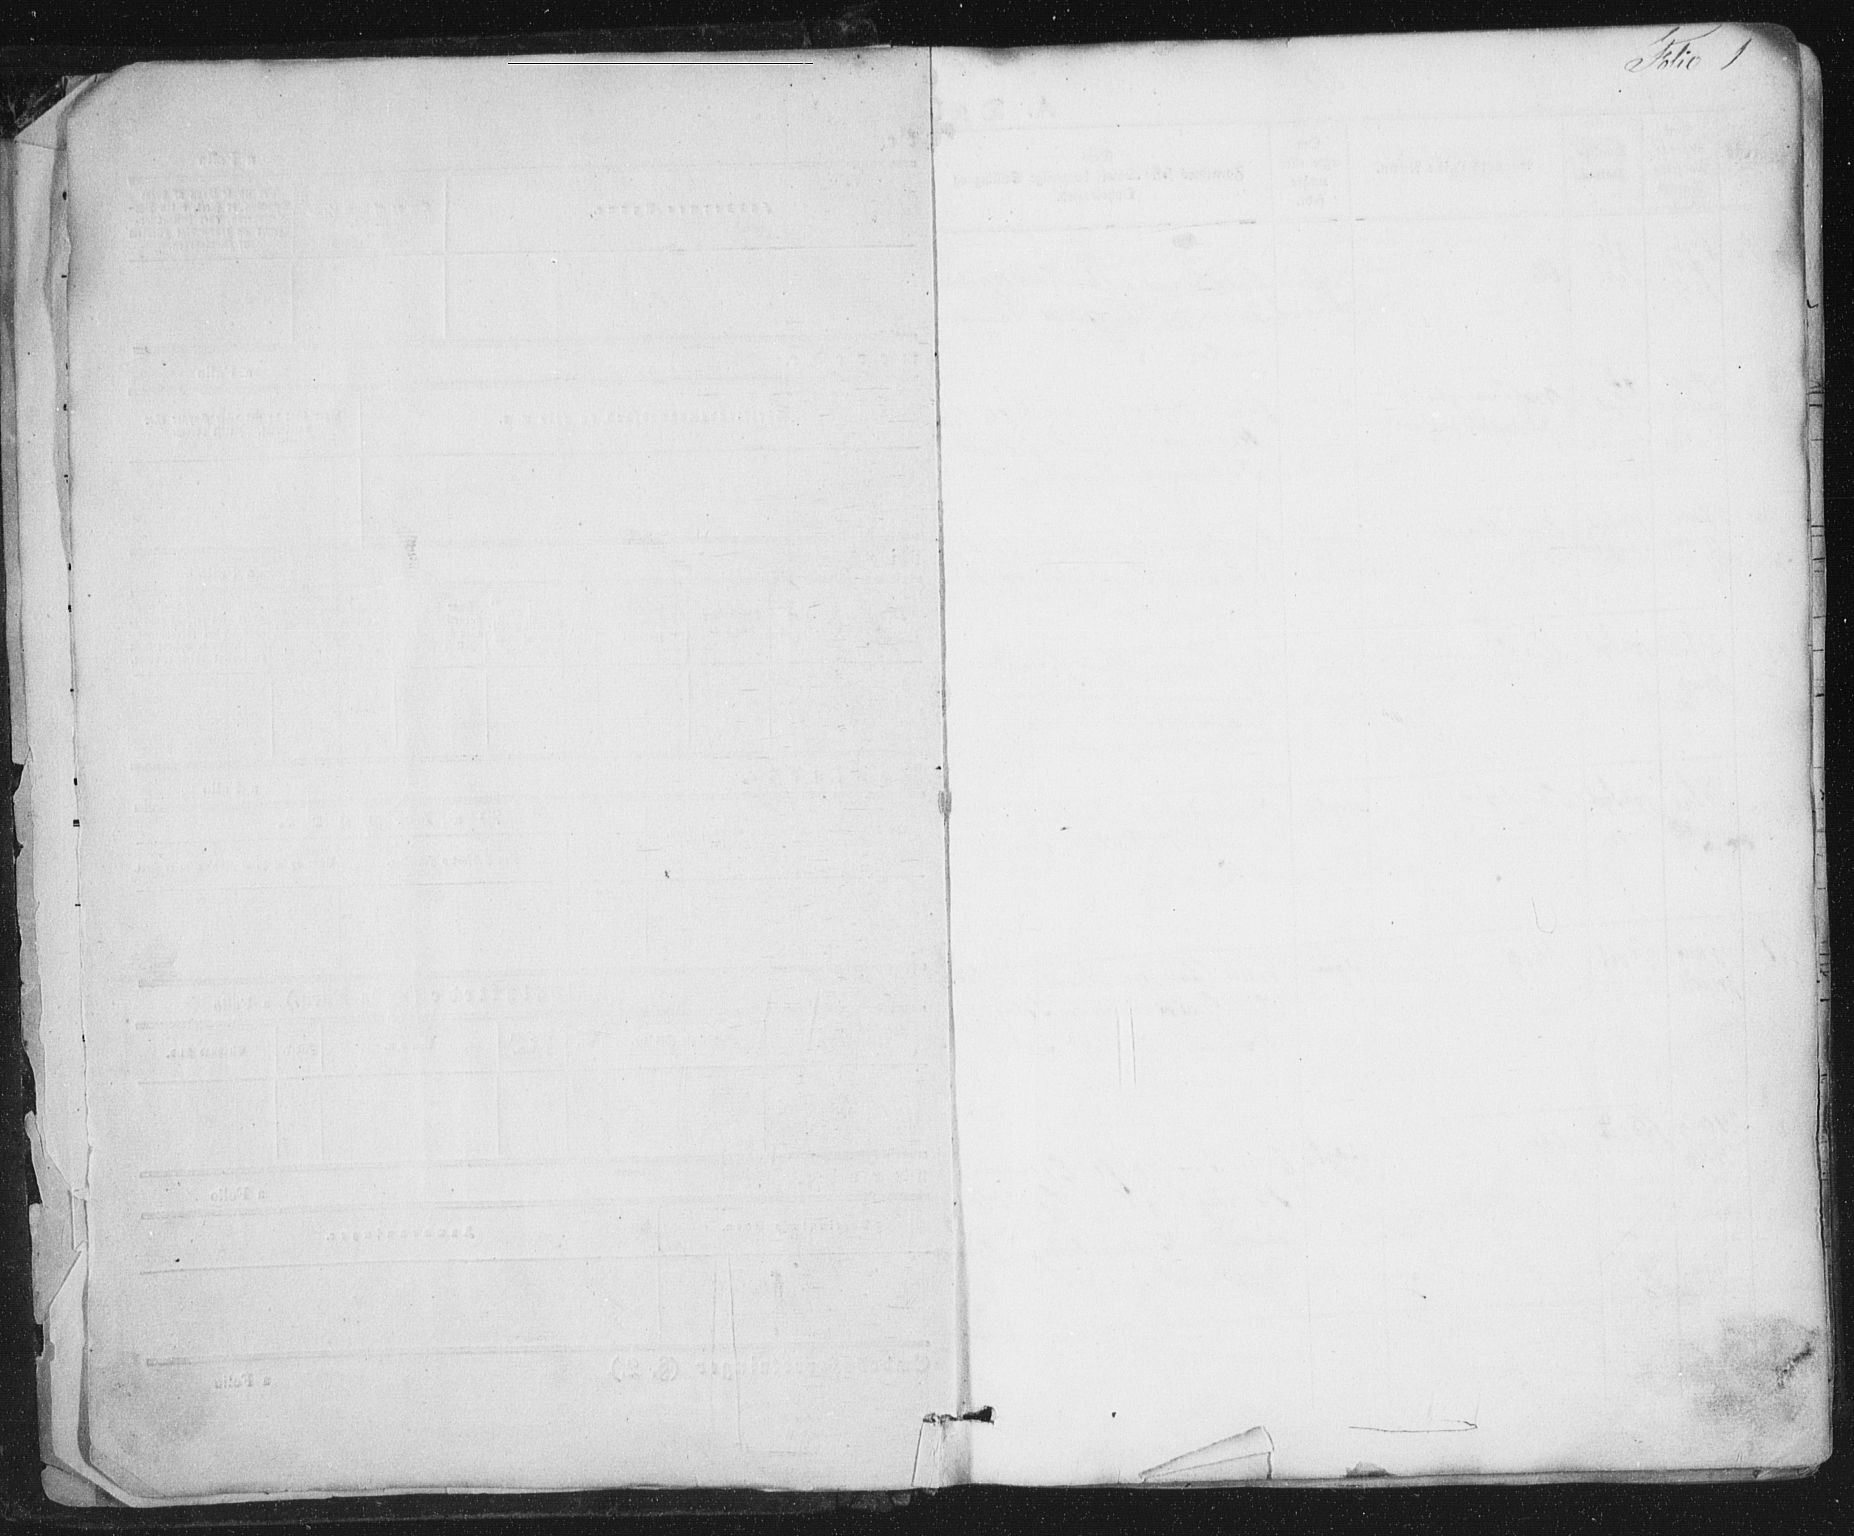 SAT, Ministerialprotokoller, klokkerbøker og fødselsregistre - Sør-Trøndelag, 691/L1076: Ministerialbok nr. 691A08, 1852-1861, s. 1